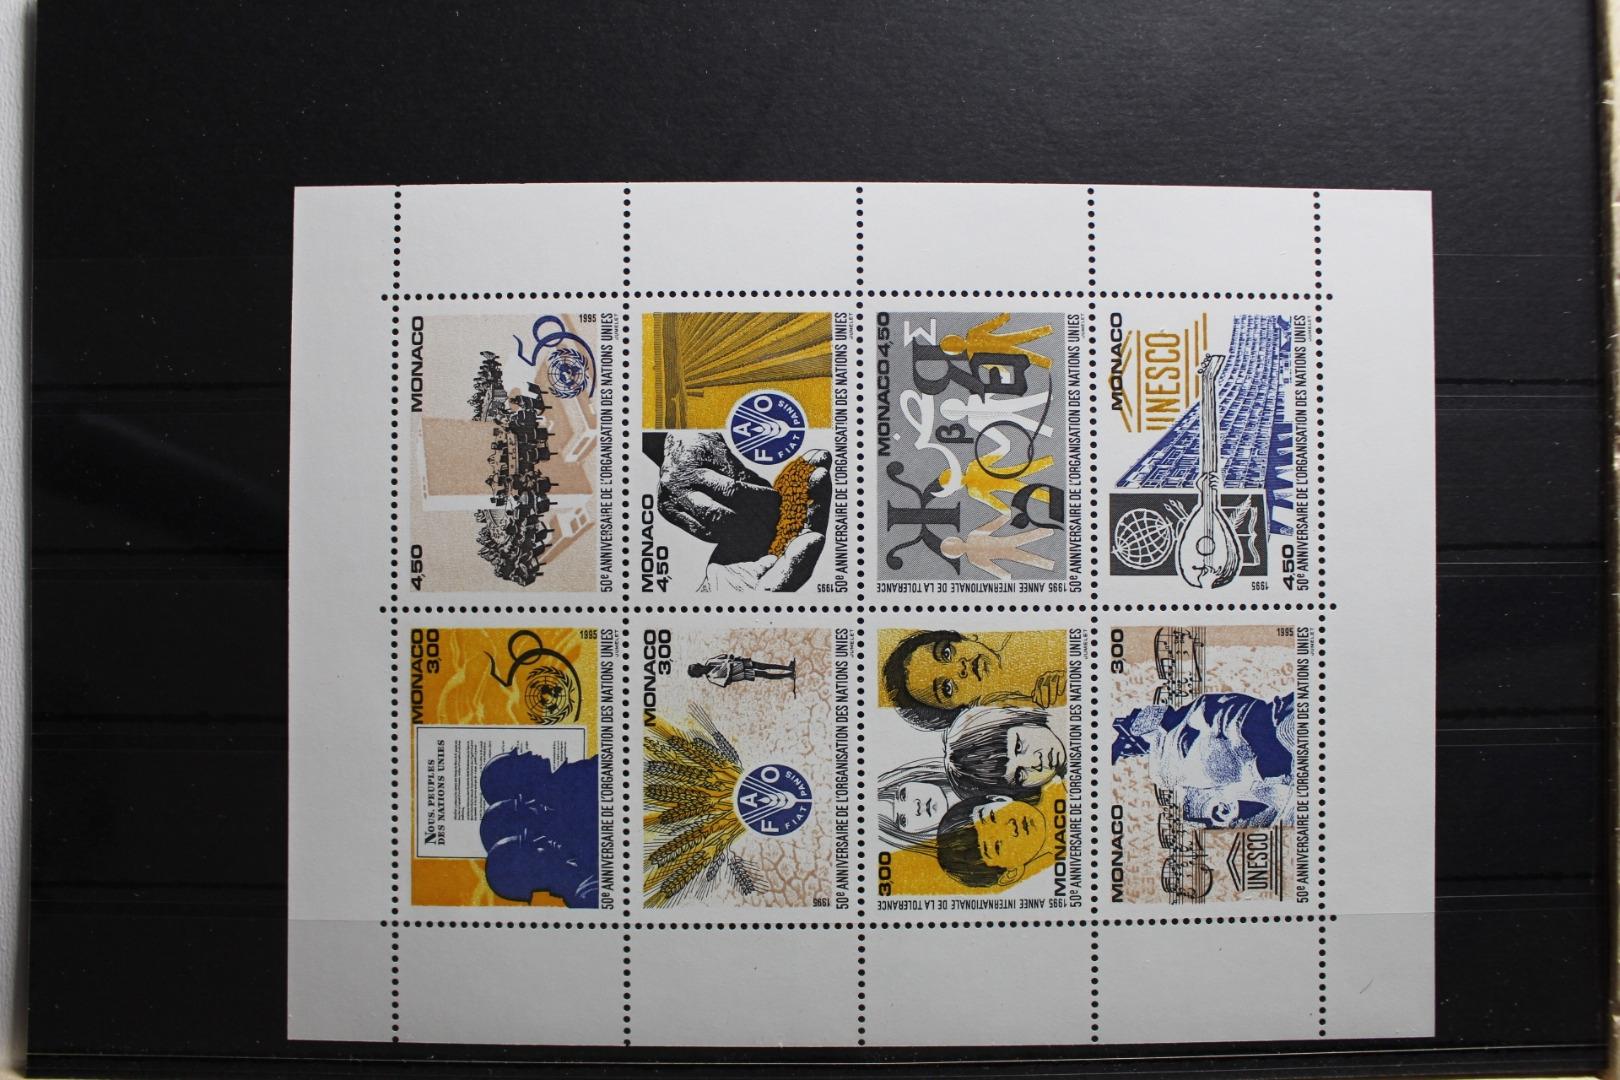 == Österreich == 2006 Kleinbogen Tag Der Briefmarke Postfrisch== 2019 Official Österreich Ab 2000 Briefmarken